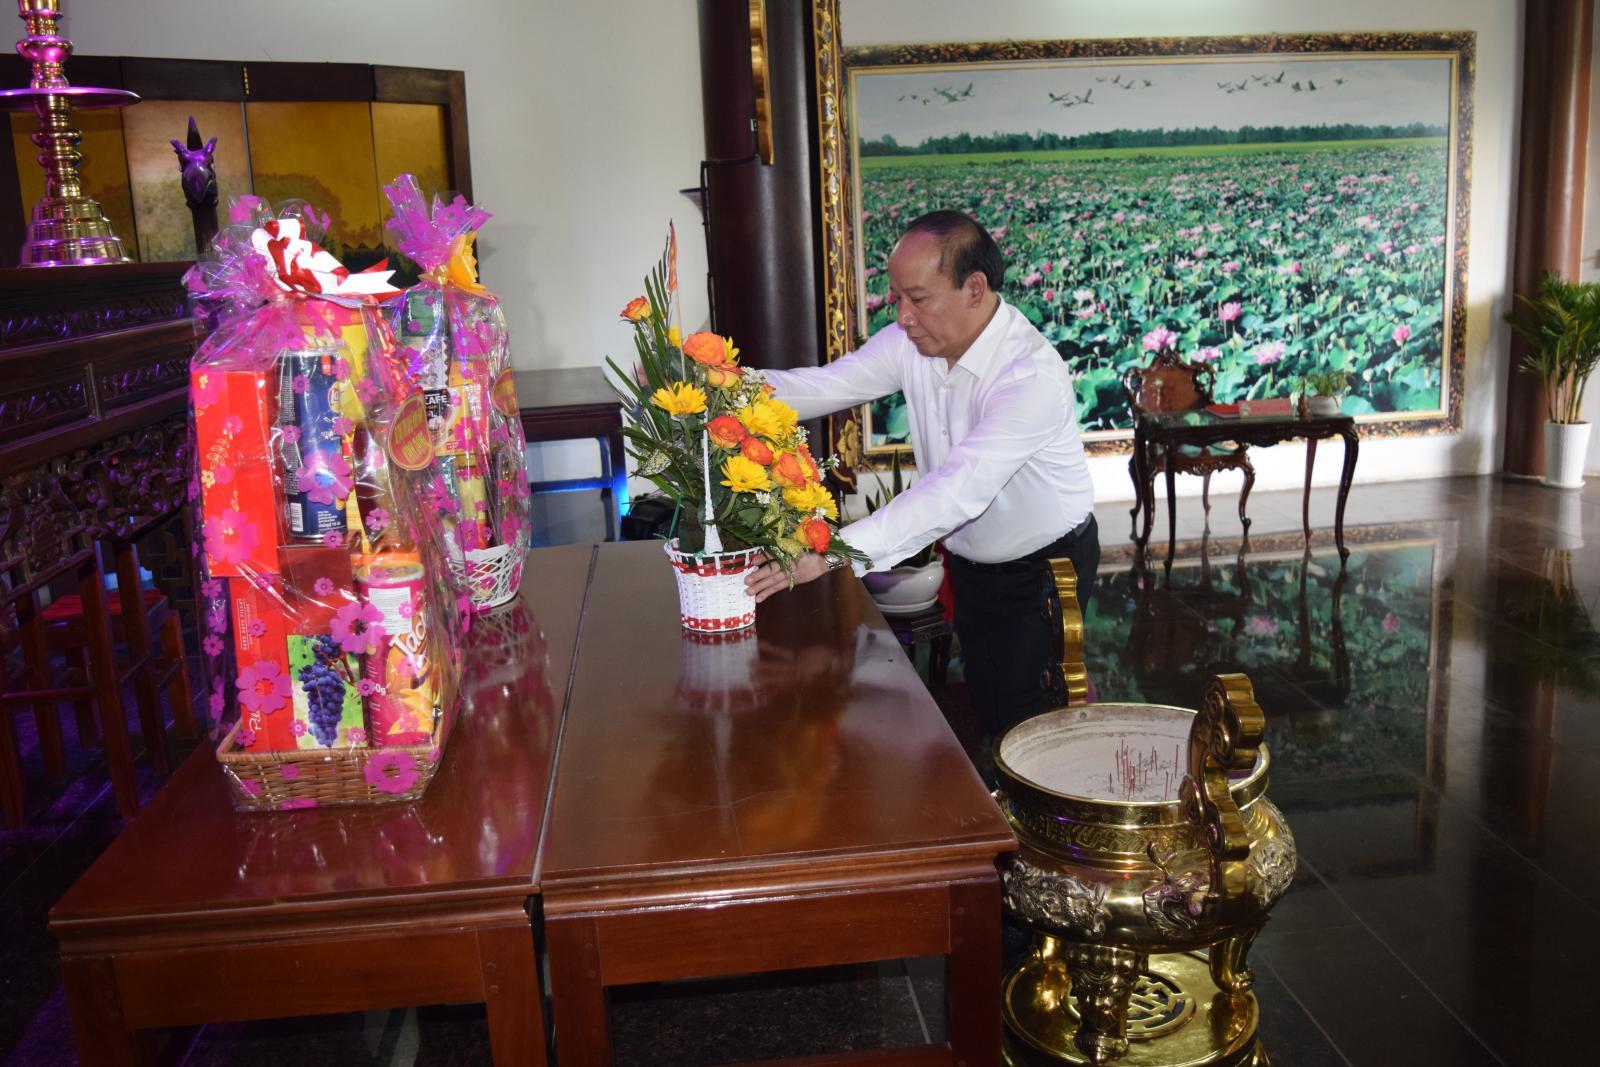 Đoàn Đại biểu tham dự Liên hoan Phát thanh toàn quốc viếng mộ cụ Phó bảng Nguyễn Sinh Sắc